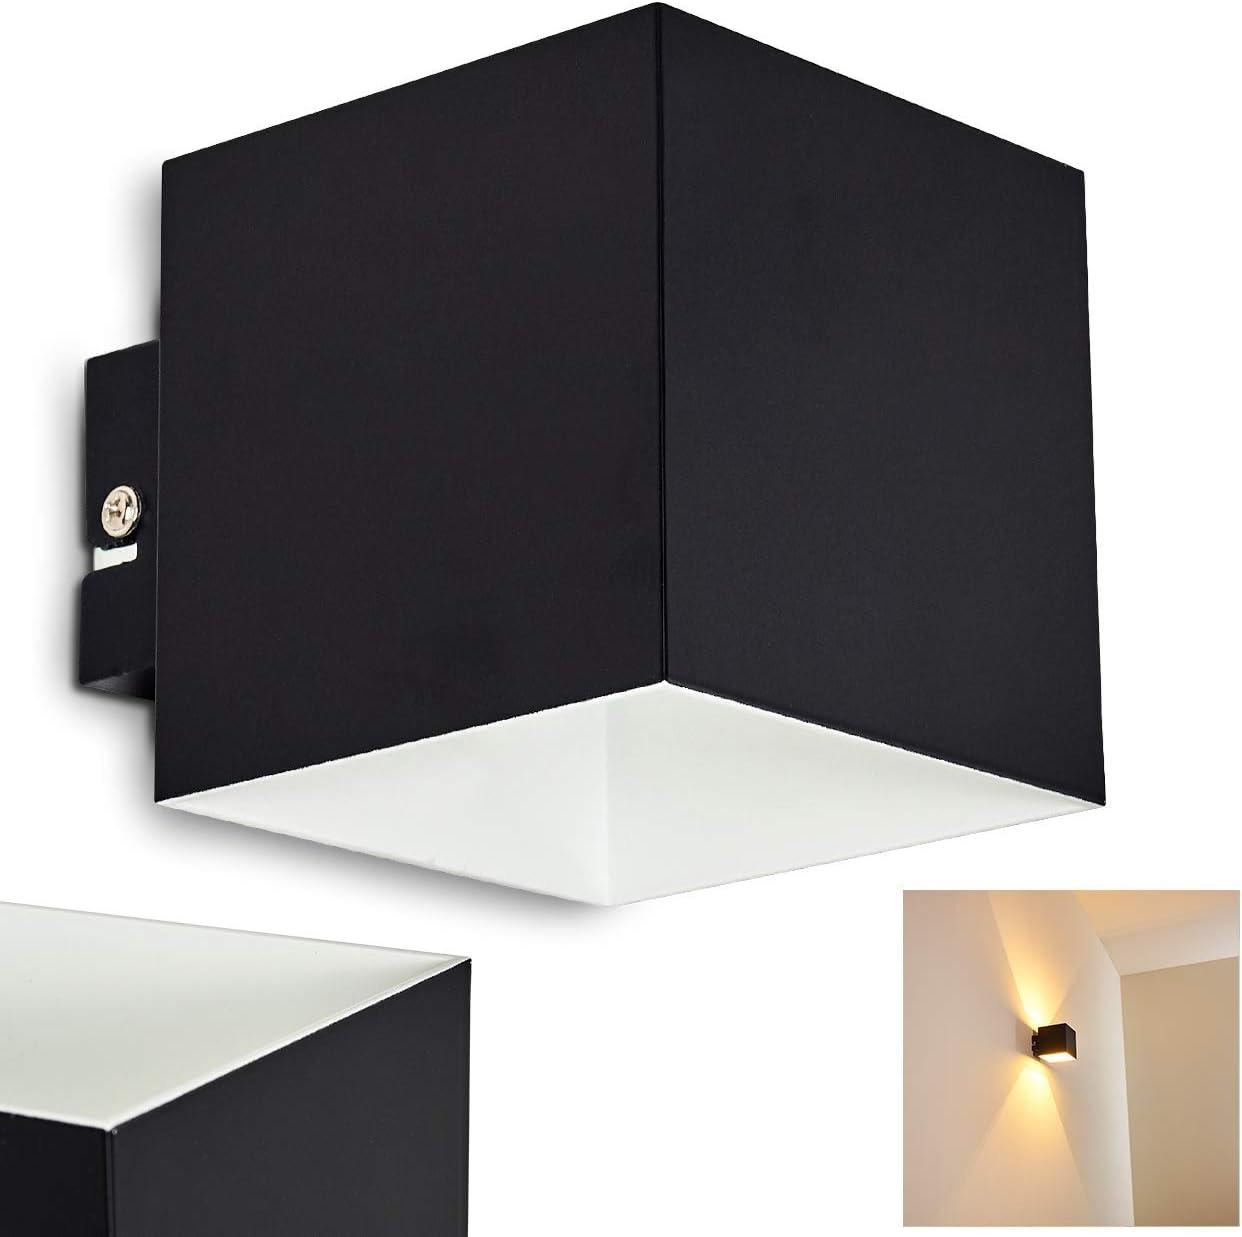 Cube//Innenwandleuchte mit Up /& Down-Effekt 28 Watt max geeignet f/ür LED Leuchtmittel 1 x G9-Fassung moderne Wandleuchte mit Lichteffekt Wandlampe Varco aus Metall in Schwarz//Gold mit Schlitzen